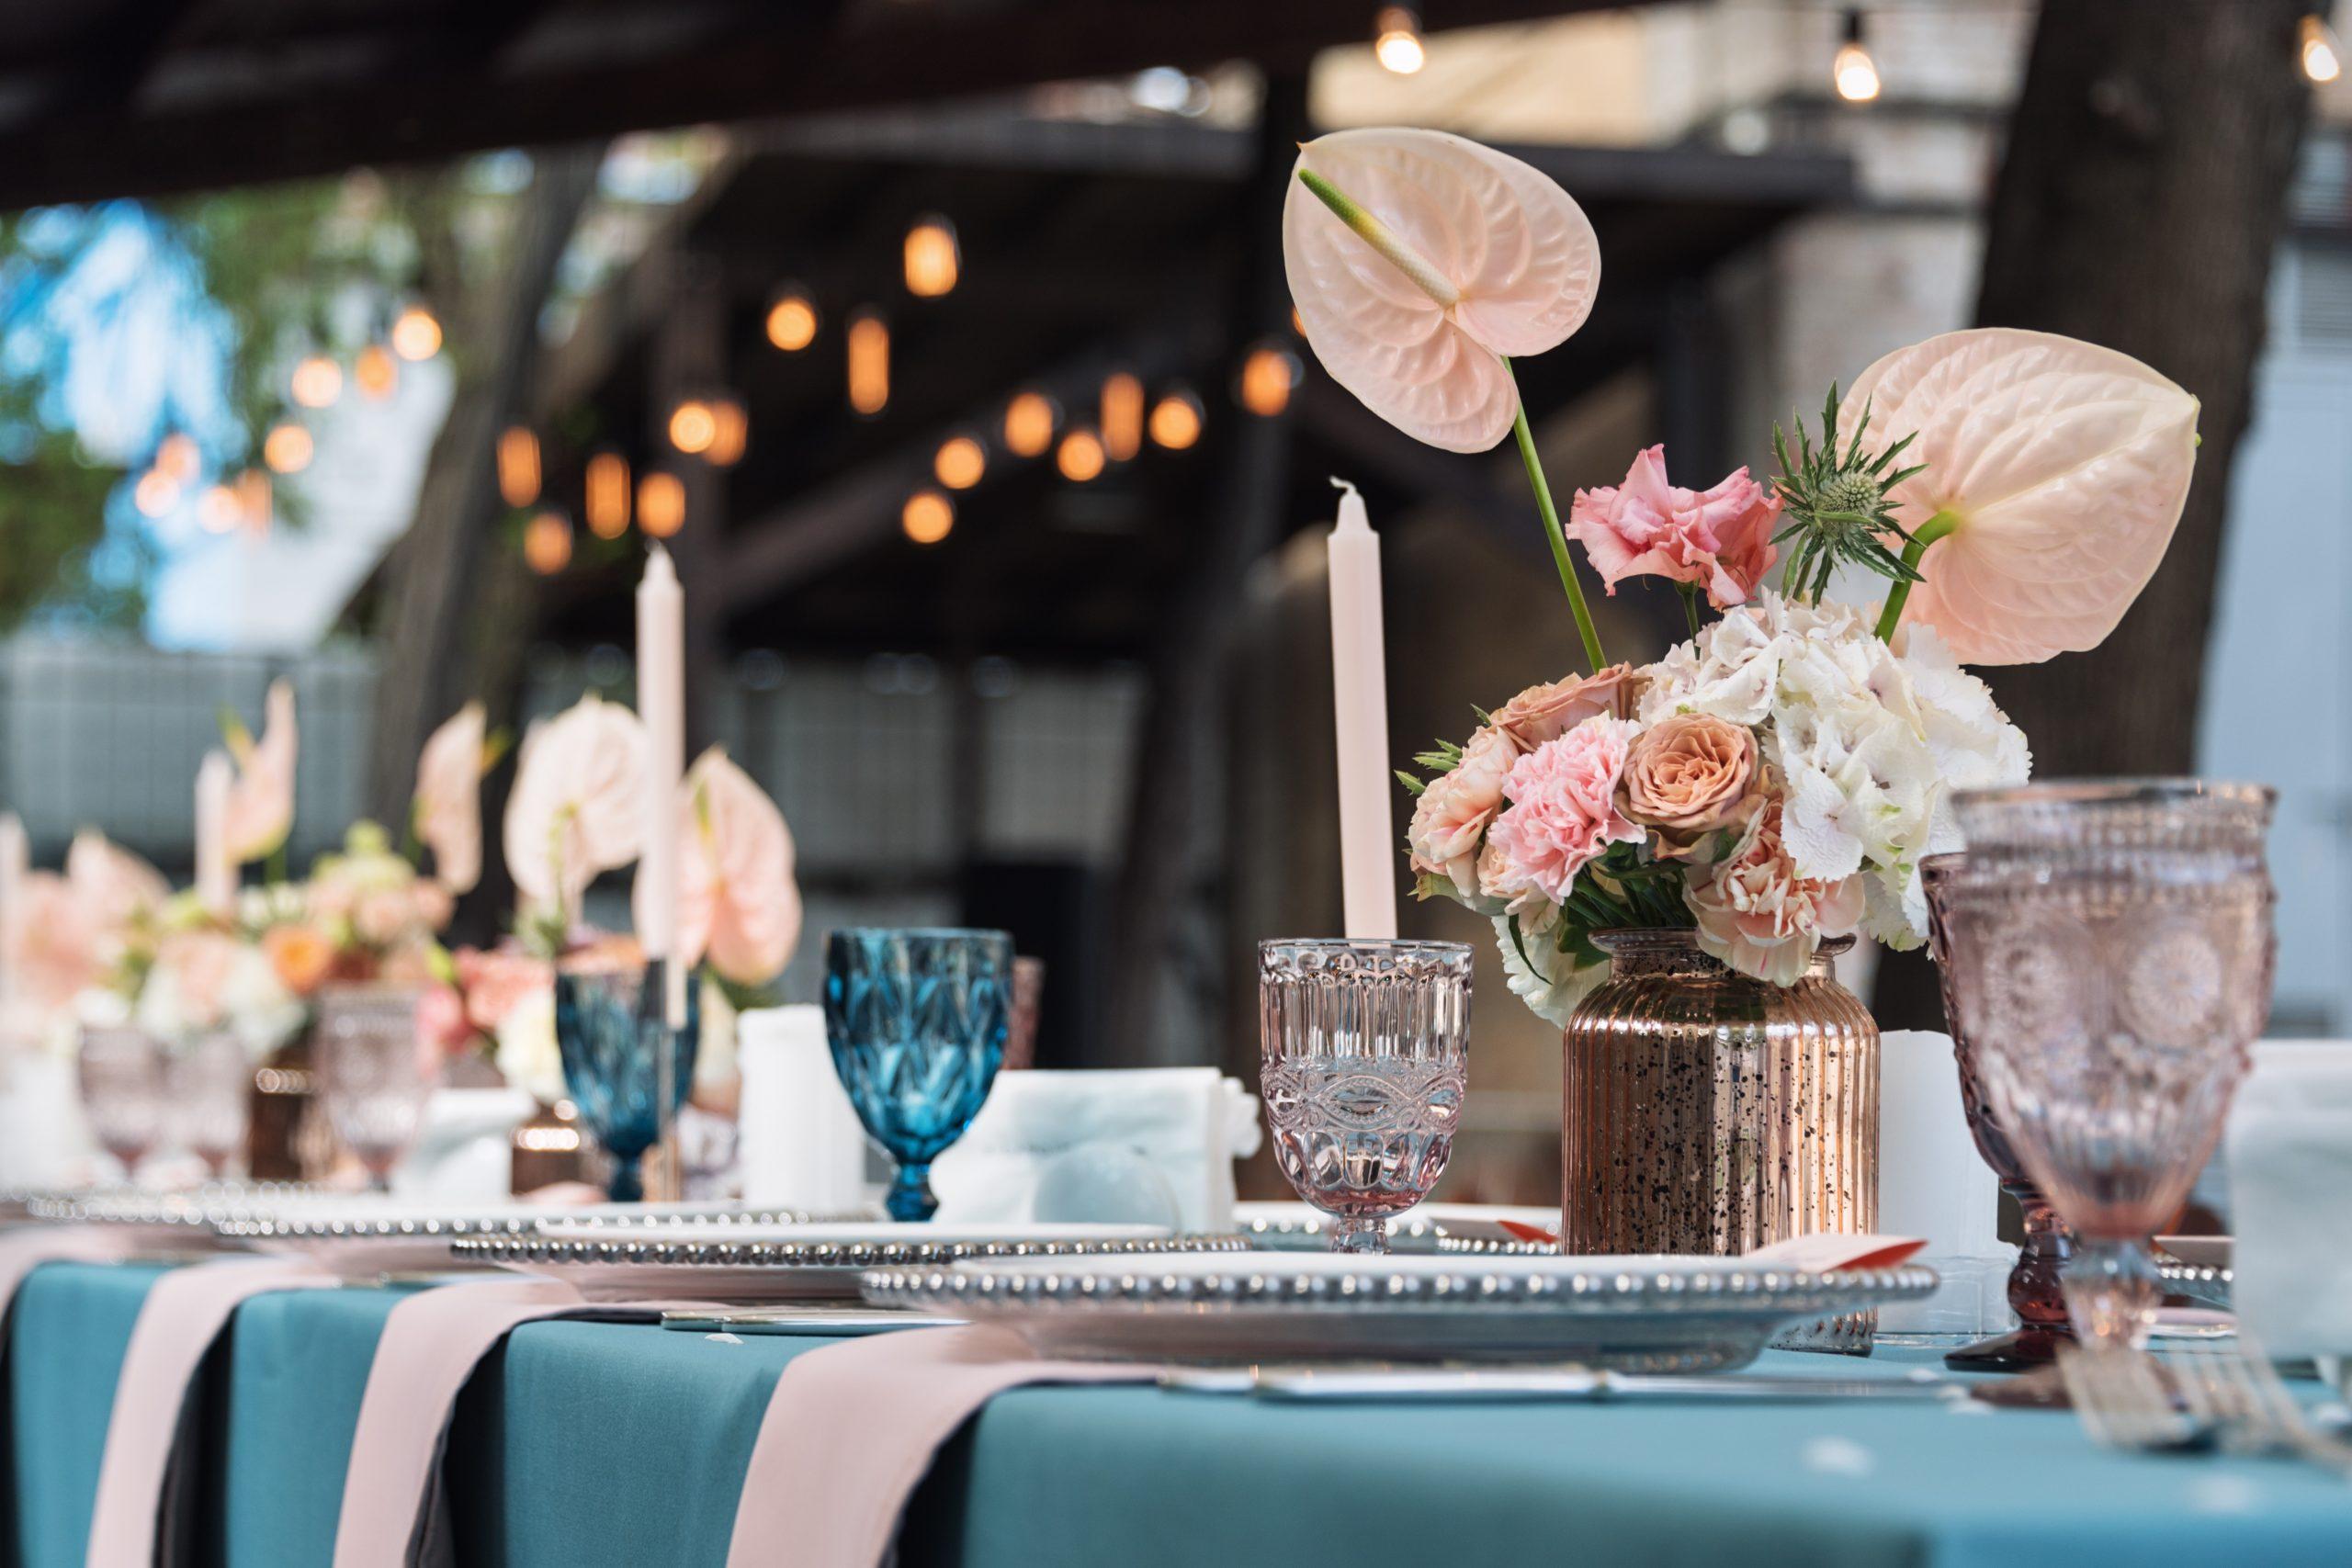 Decoración de salones colores neutros scaled - 6 ideas para una decoración de salones al aire libre espectacular